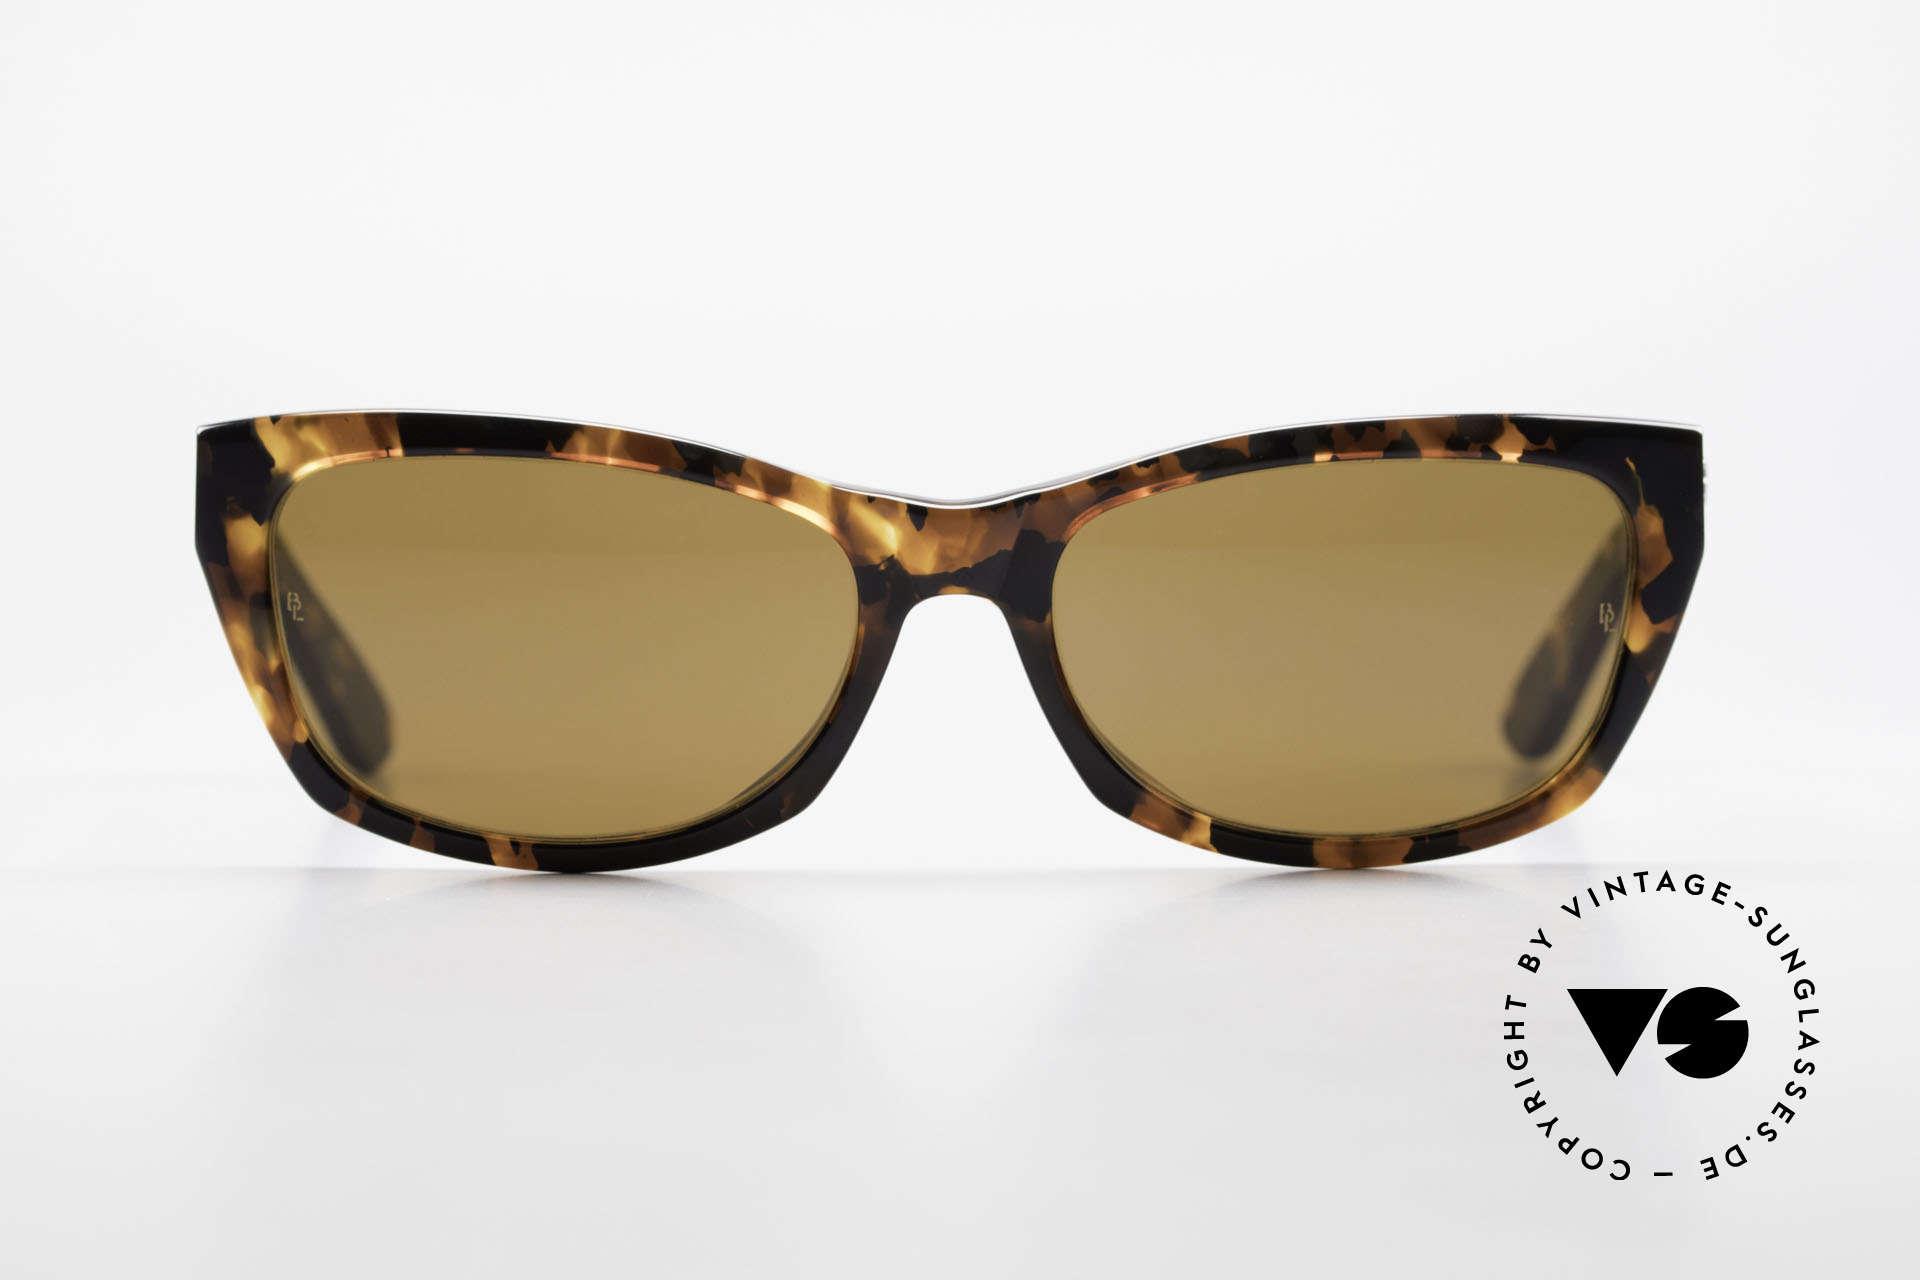 Ray Ban Innerview Alte B&L USA Sonnenbrille, ein Bausch&Lomb Original der frühen 1990er Jahre, Passend für Damen